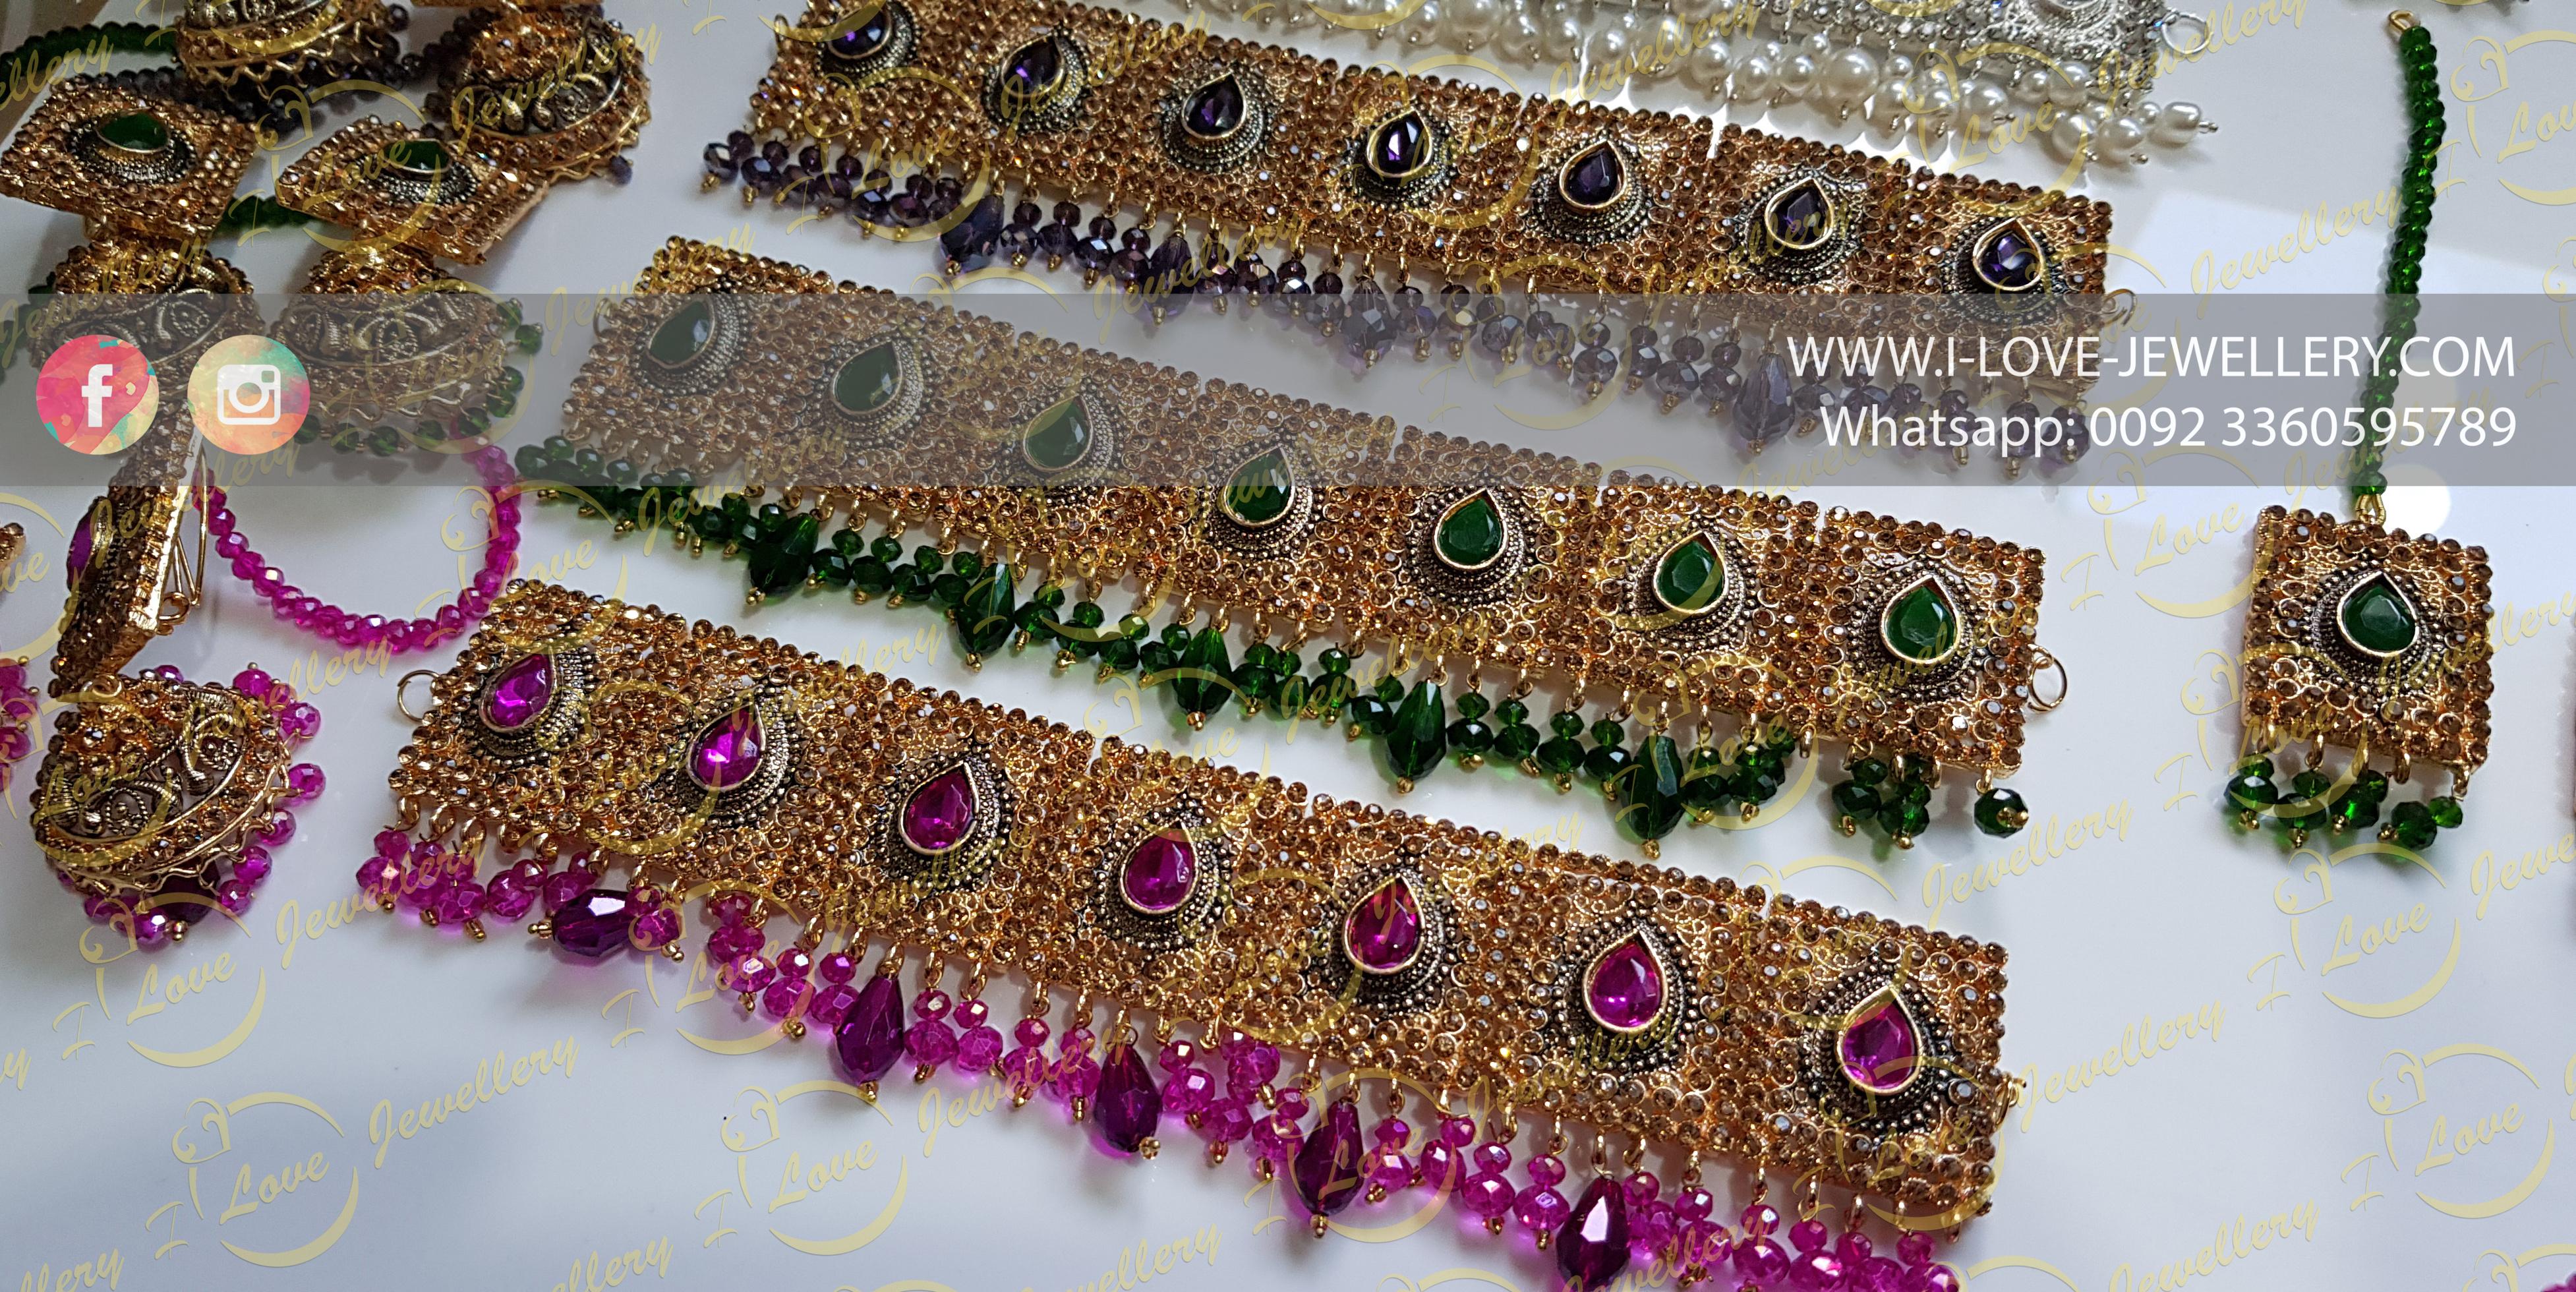 Pakistani choker - maroon choker - Champagne choker - silver choker - party chokers - bridal chokers - mehndi jewellery - Pakistani wedding jewellery - Pakistani bridal jewellery - wholesale Pakistani jewellery - bespoke Pakistani jewellery